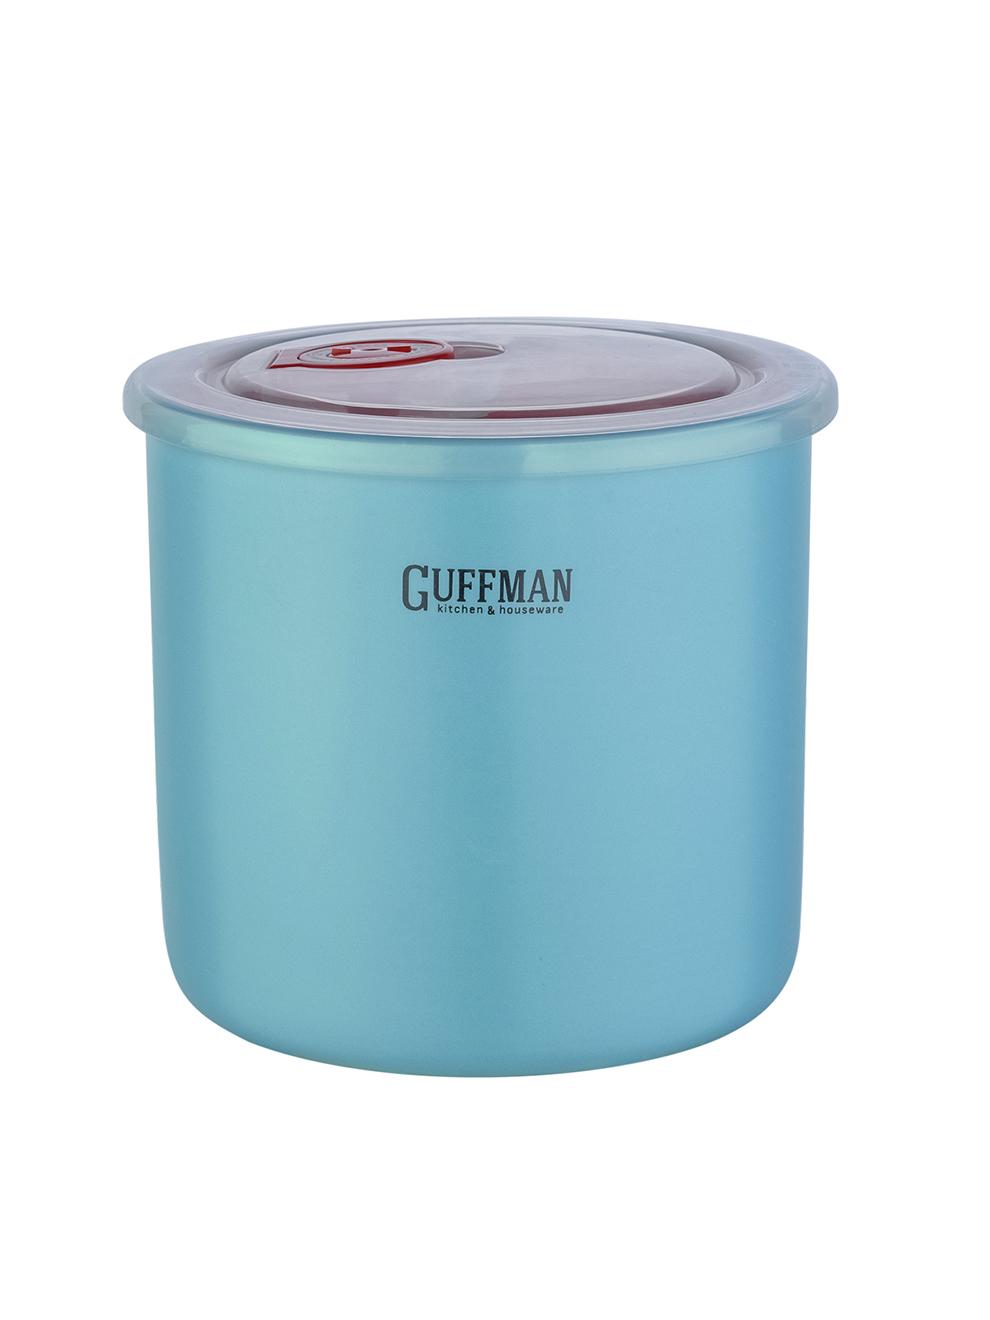 Банка керамическая с крышкой 1л Guffman голубая